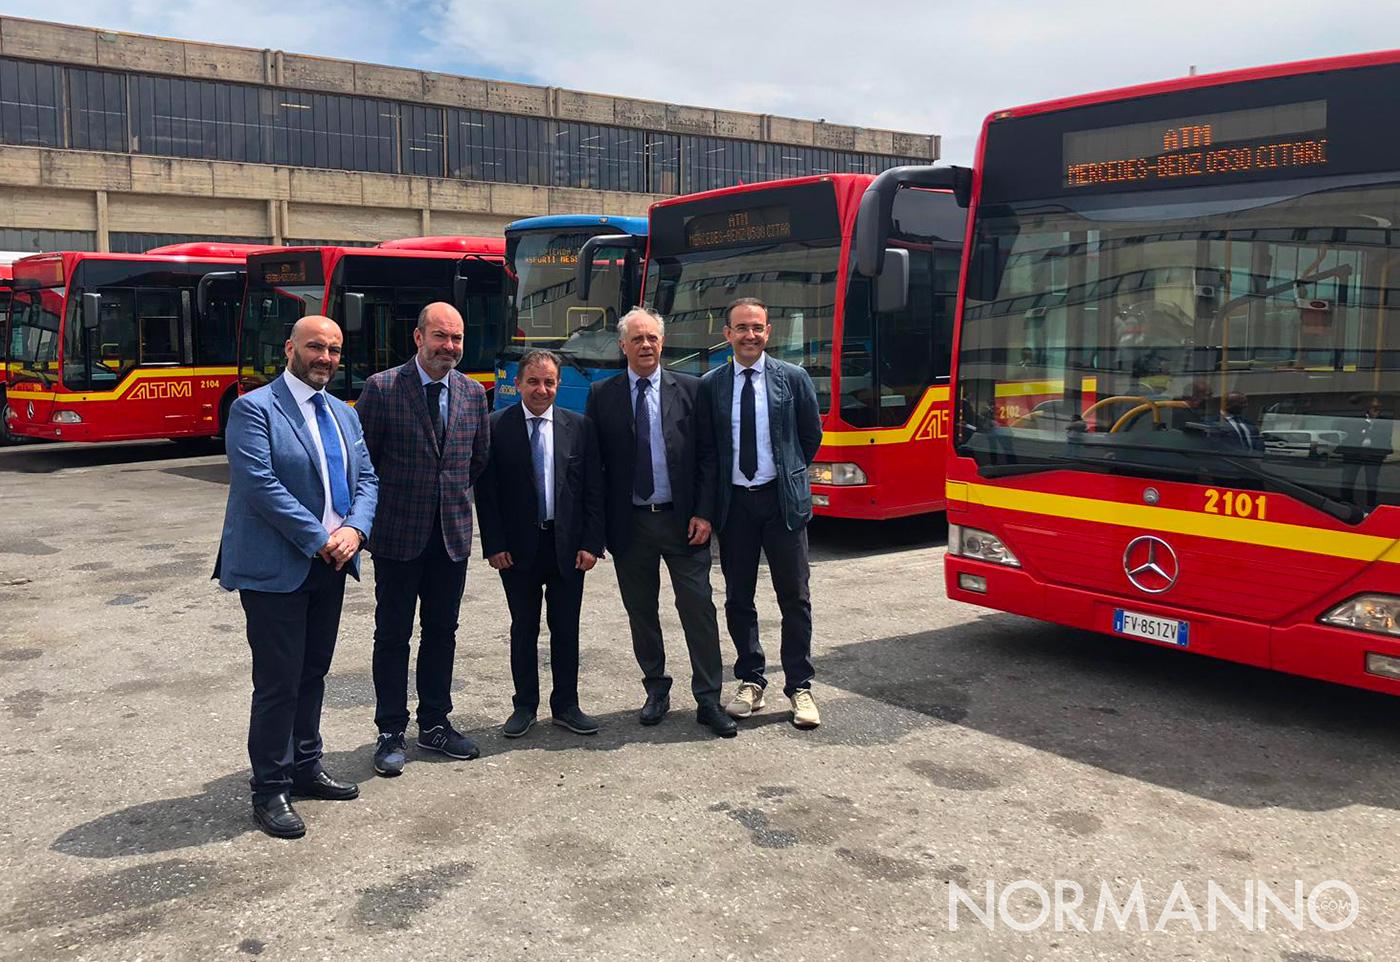 mondello e il cda di atm alla presentazione dei nuovi autobus di messina